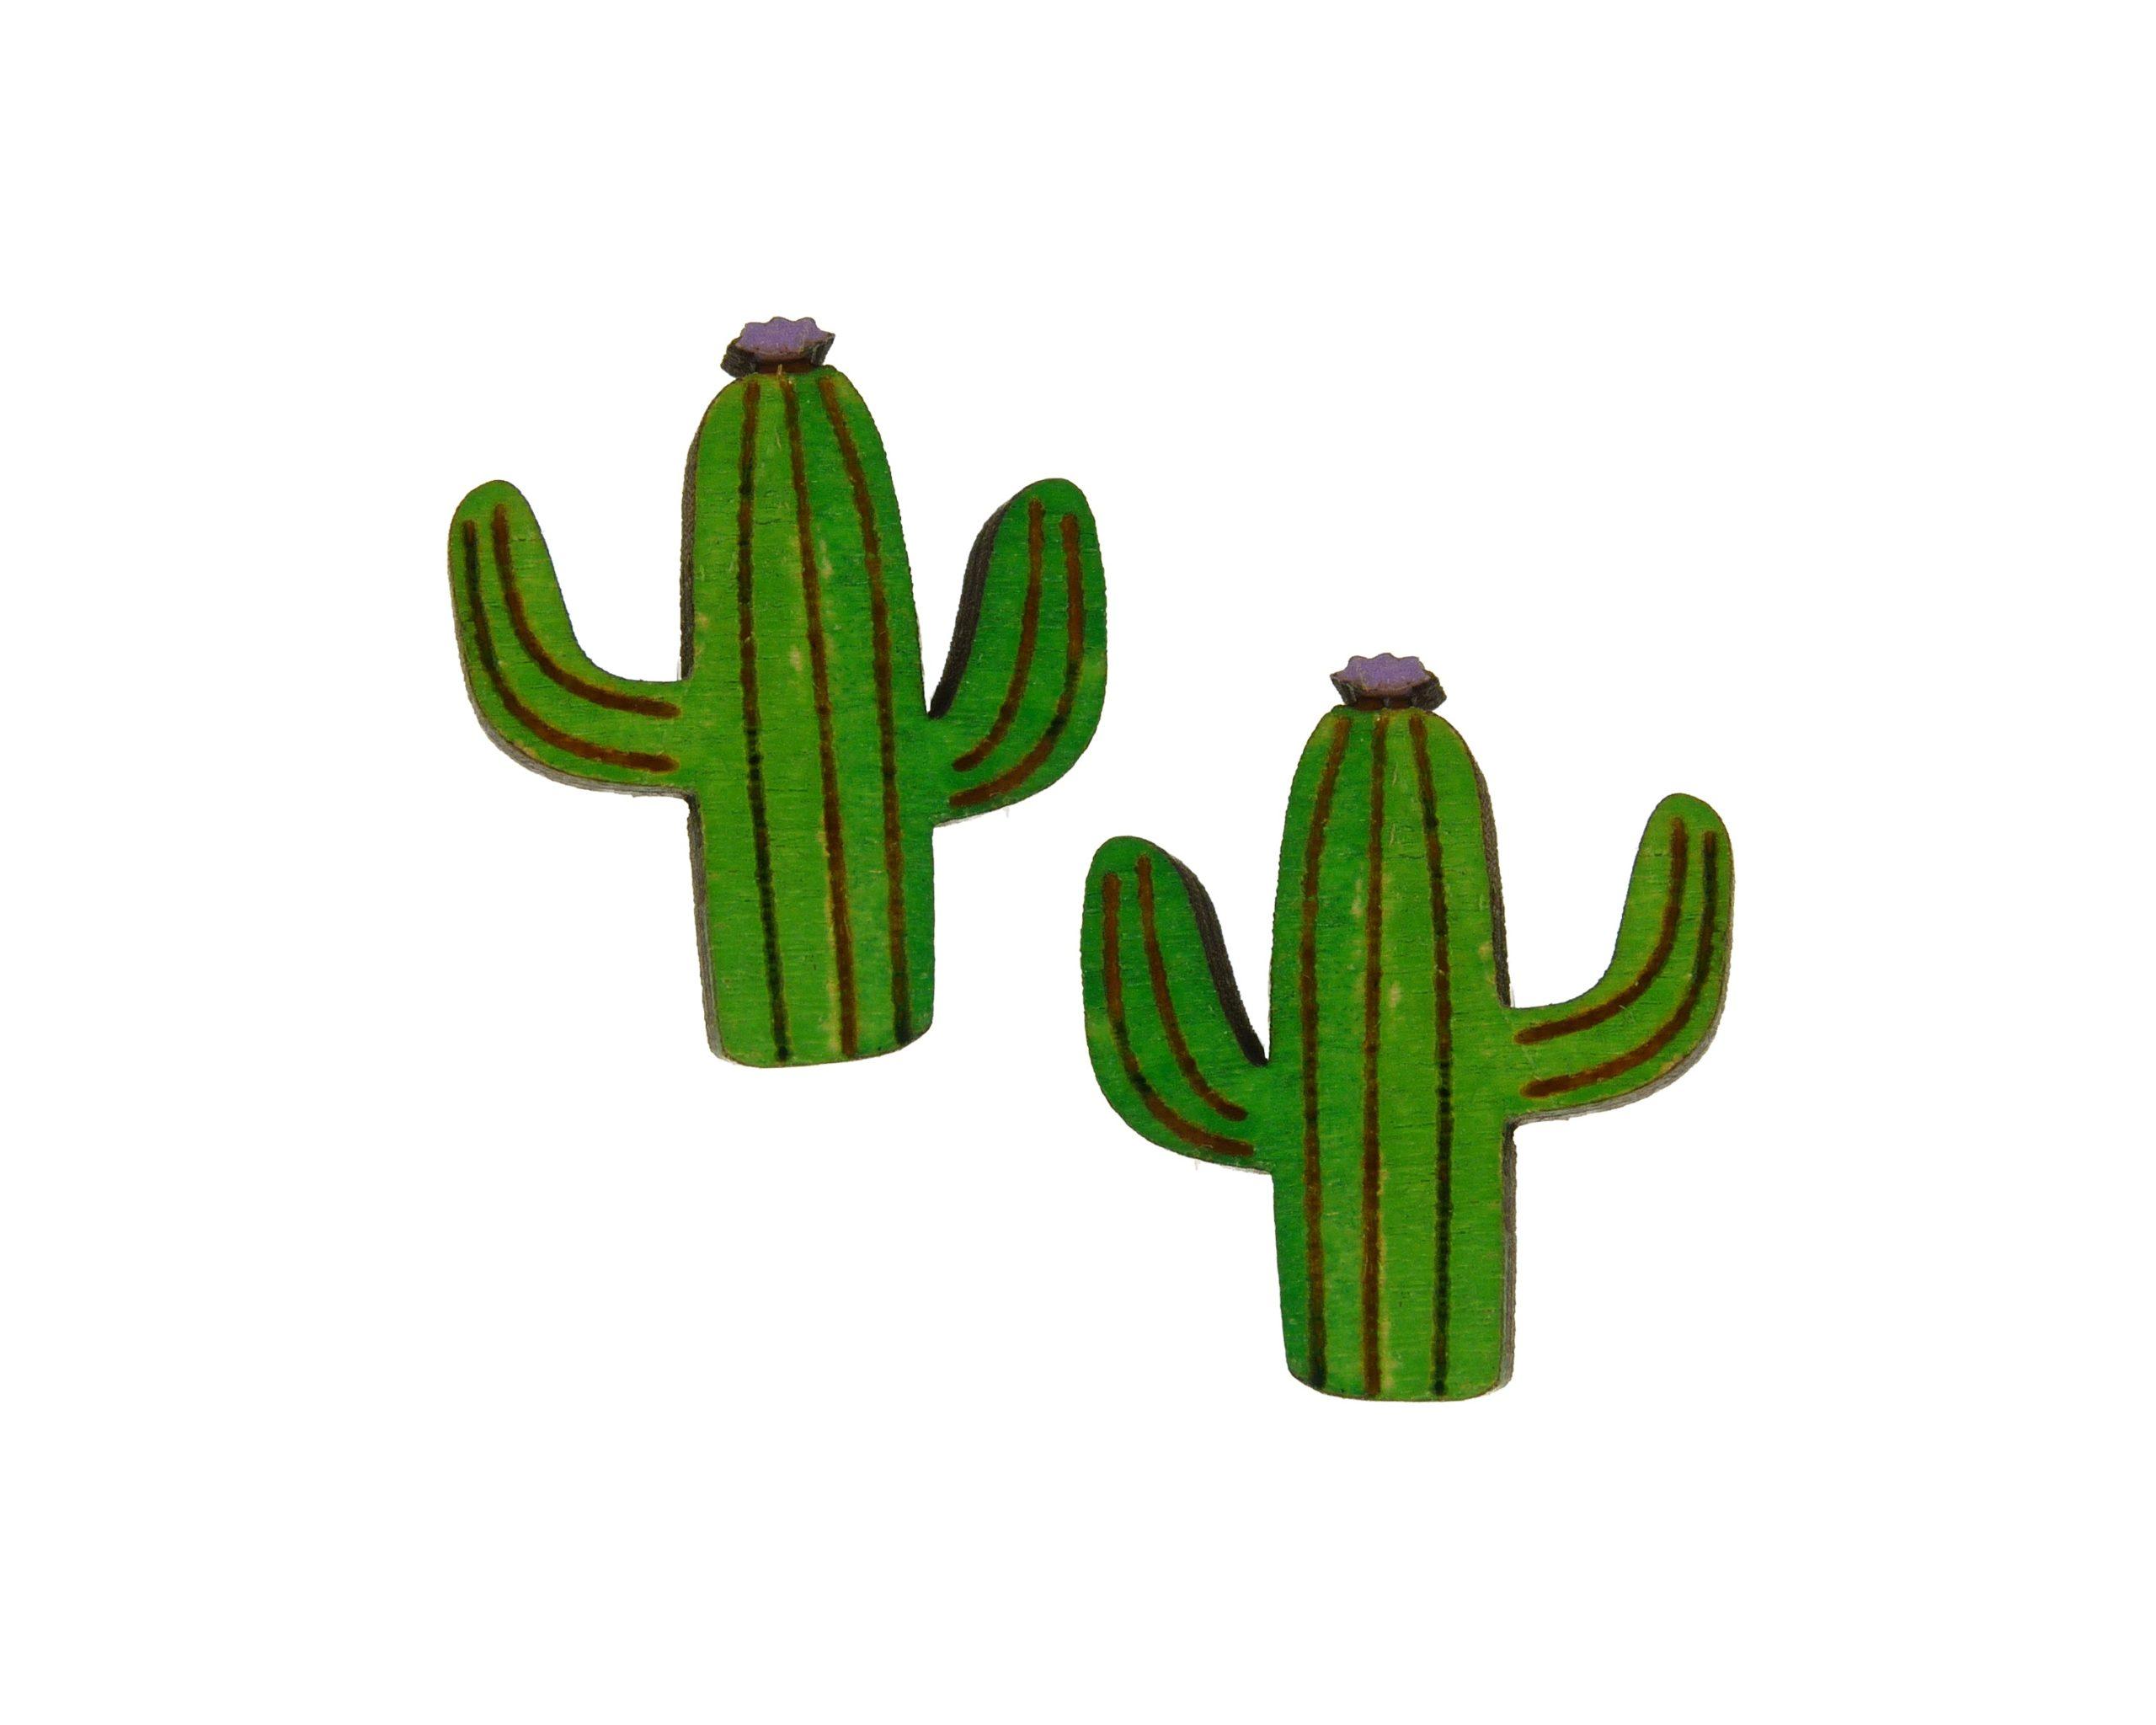 Flowering Cactus Maple Hardwood Stud Earrings | Hand Painted